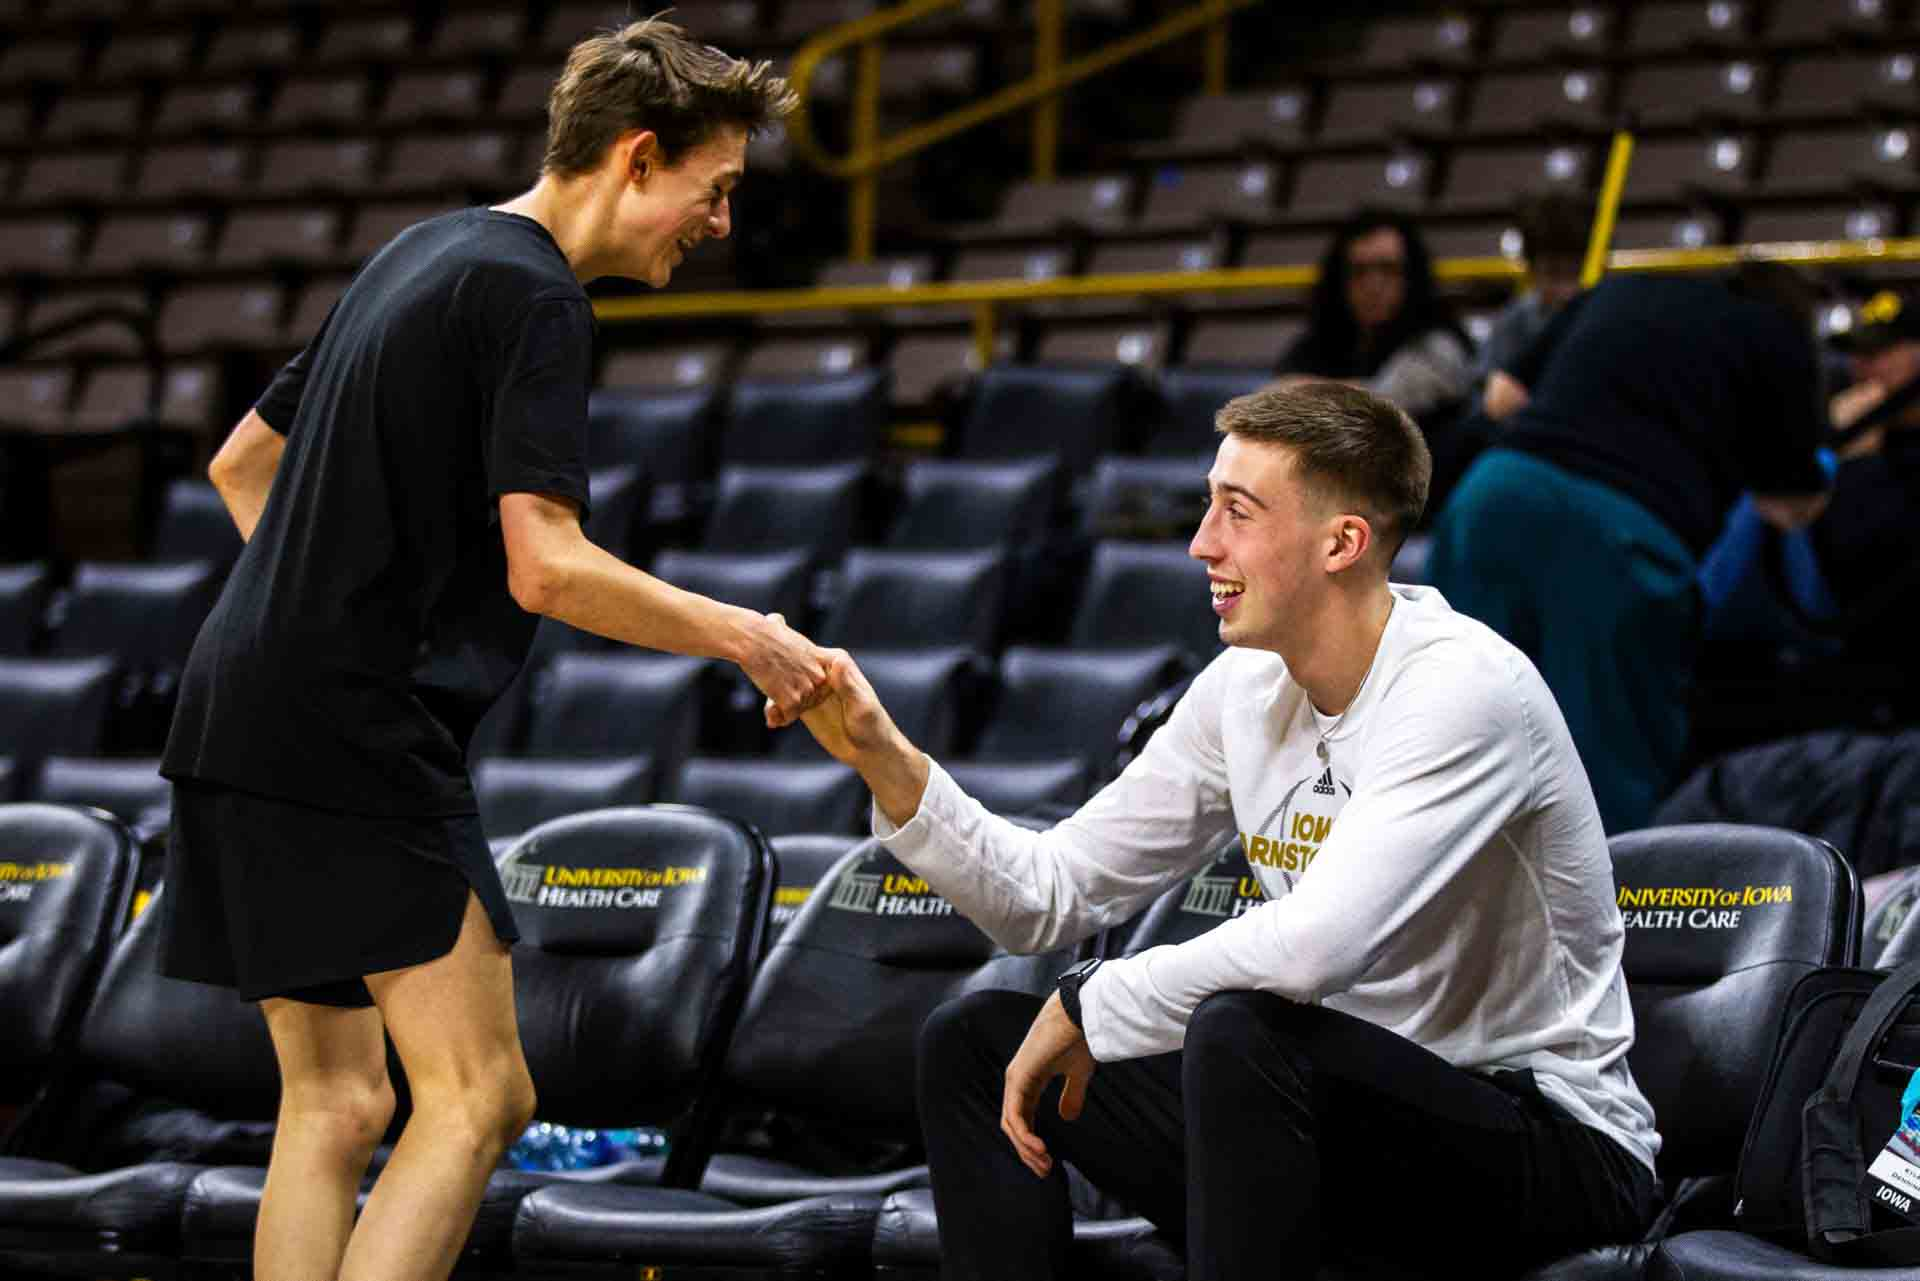 Dylan Mihalke talks with Iowa guard Joe Wieskamp.